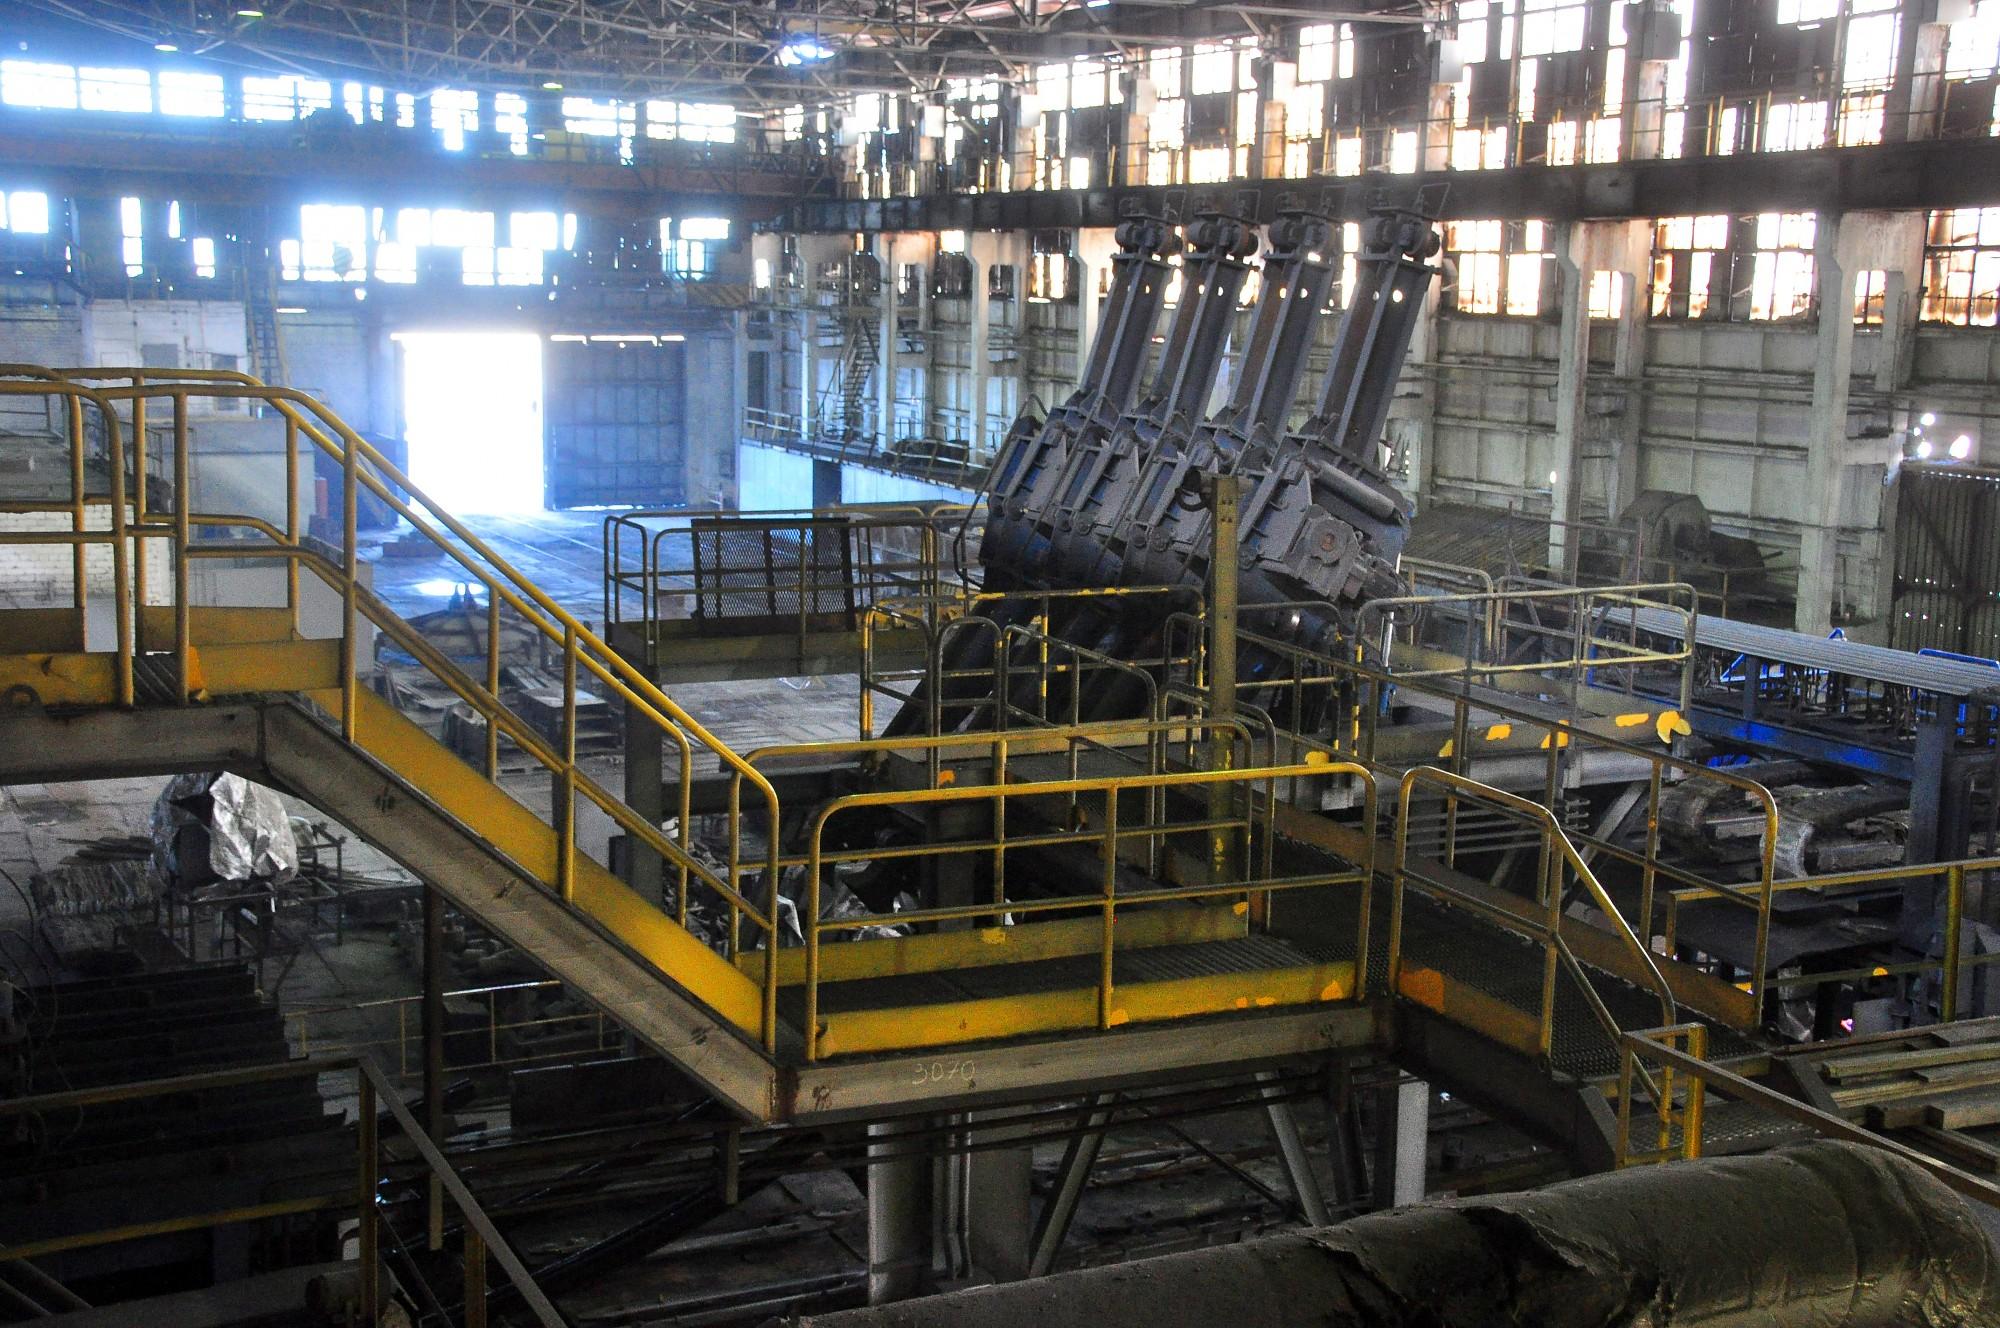 """Divu nedēļu laikā """"KVV Liepājas metalurga"""" nodrošinātie kreditori varētu saskaņot izsoļu plānu"""